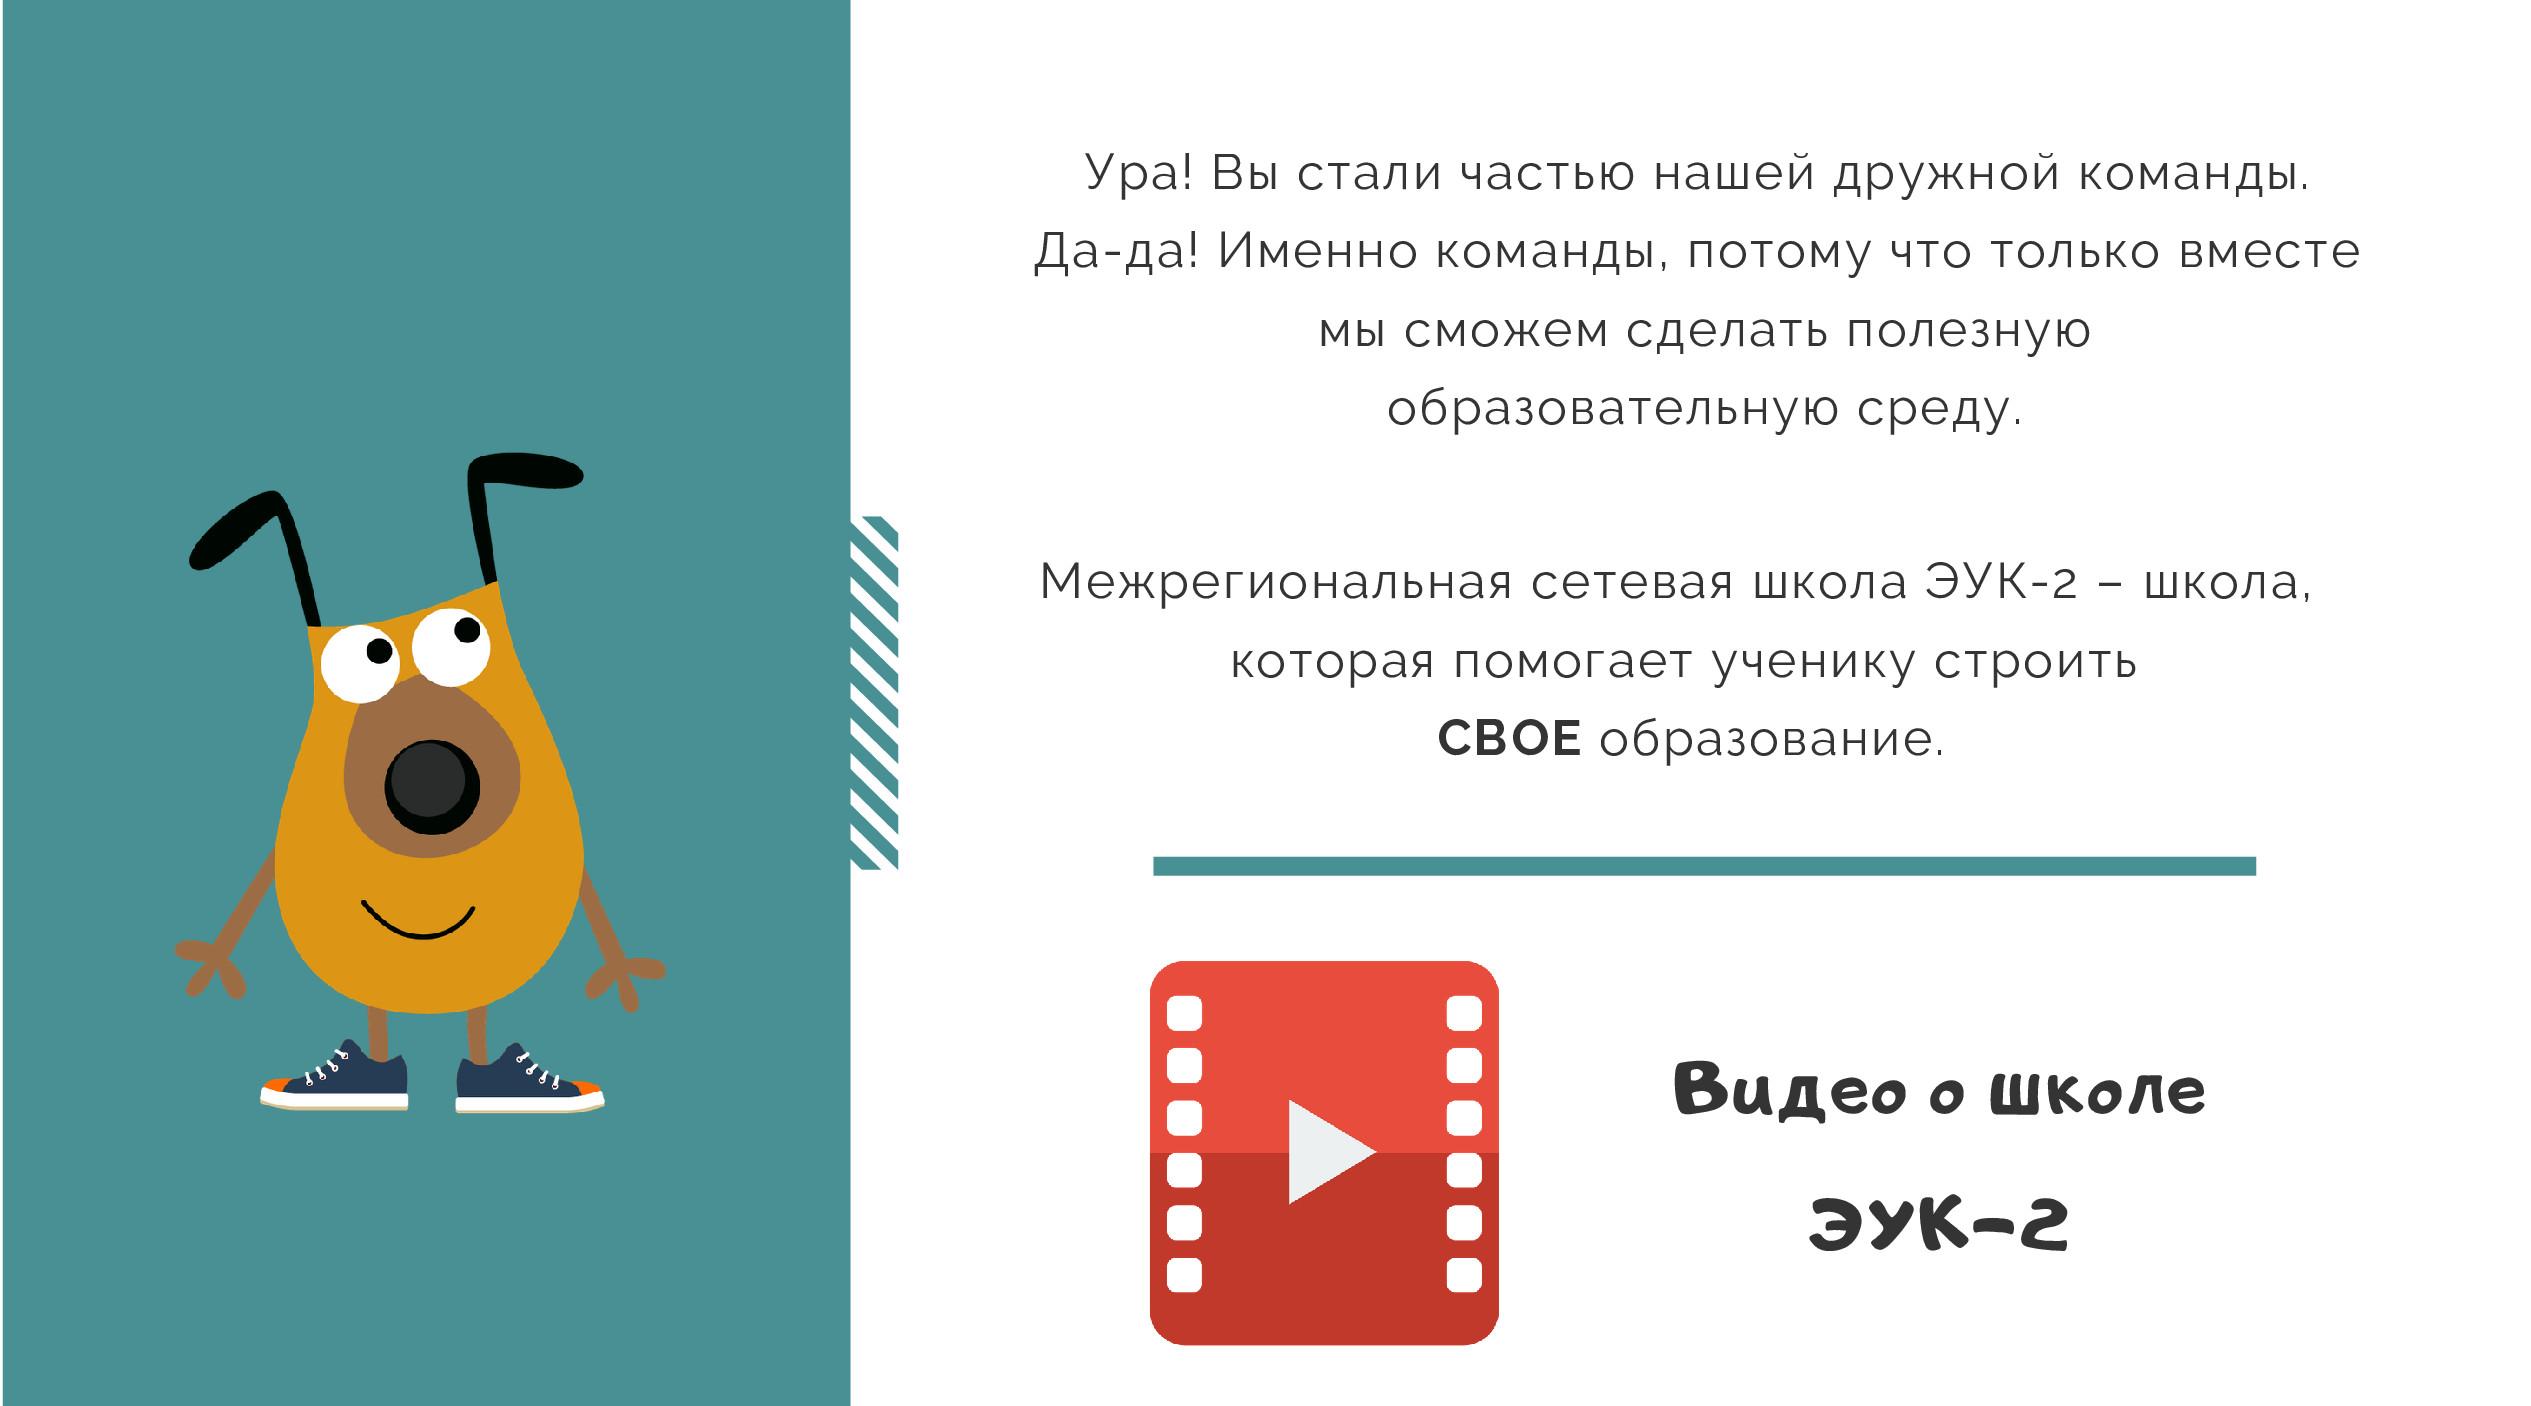 ПУТЕВОДИТЕЛЬ ЭУК2-2